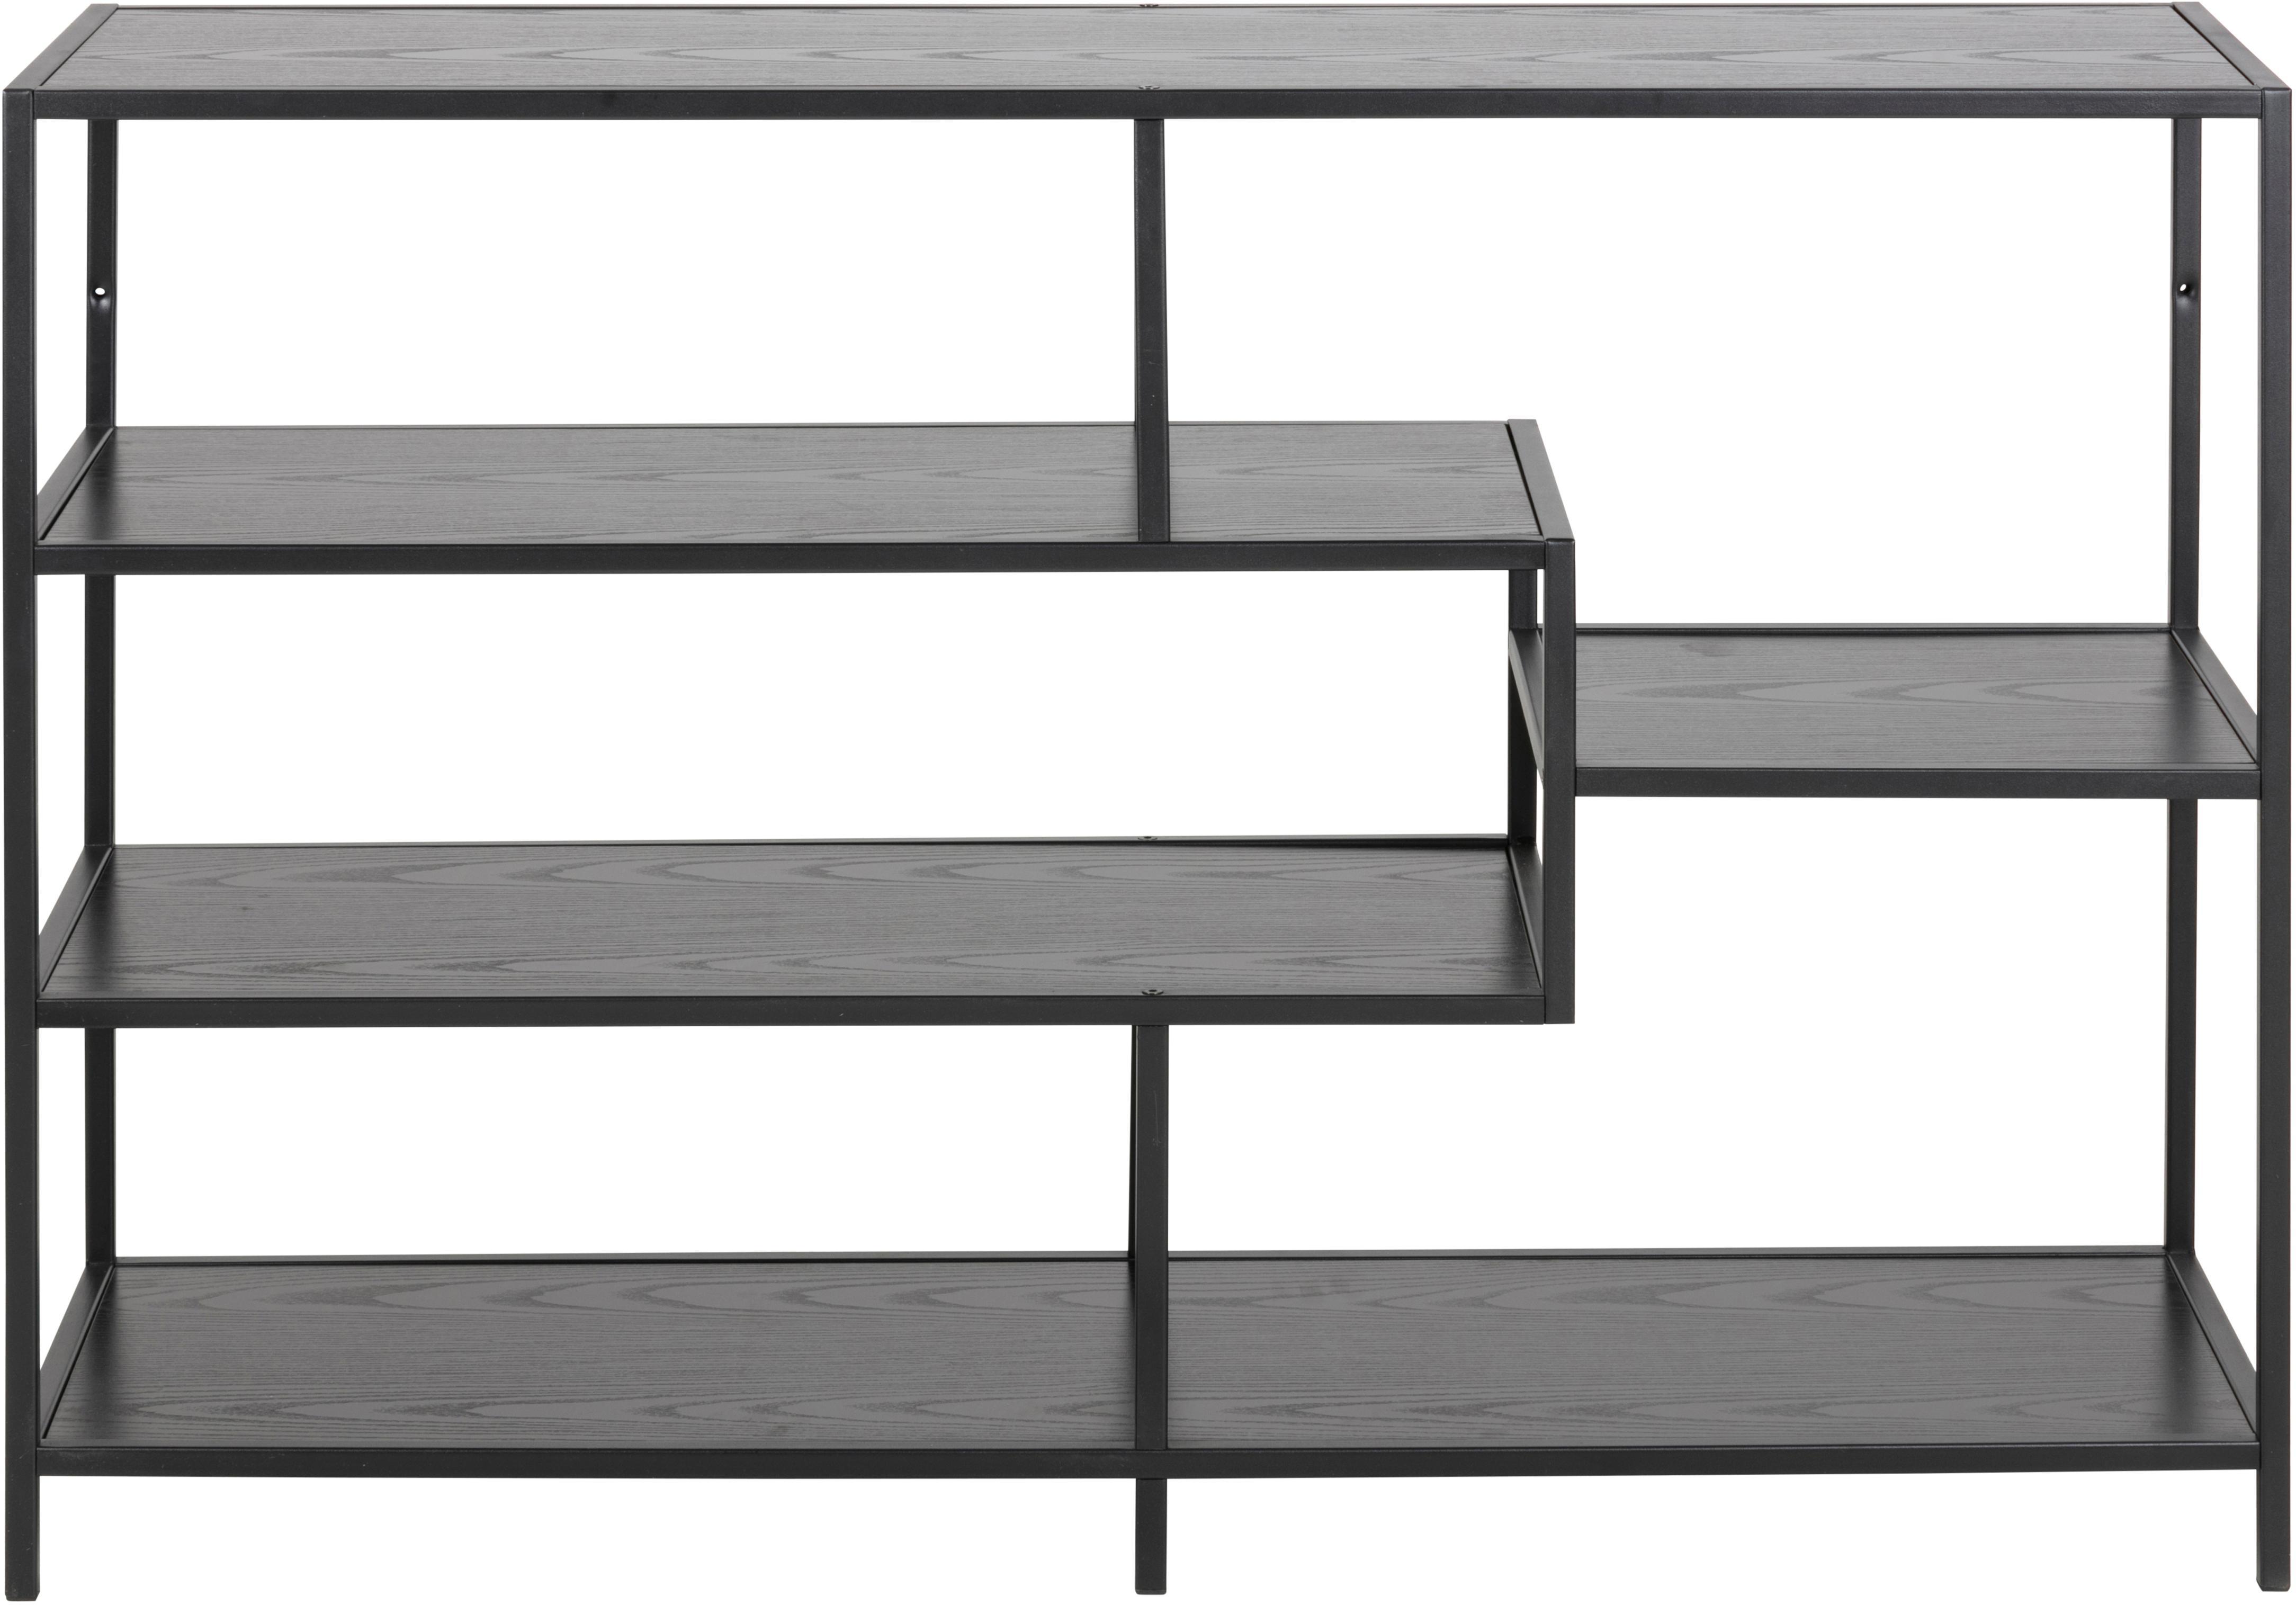 Standregal Seaford Zig aus Holz und Metall, Einlegeböden: Mitteldichte Holzfaserpla, Gestell: Metall, pulverbeschichtet, Schwarz, 114 x 78 cm